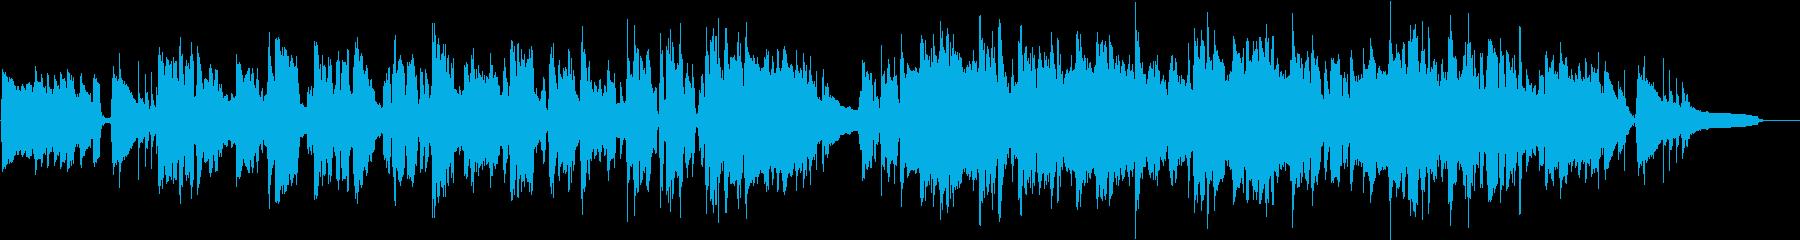 麺つゆをテーマにした楽曲の再生済みの波形